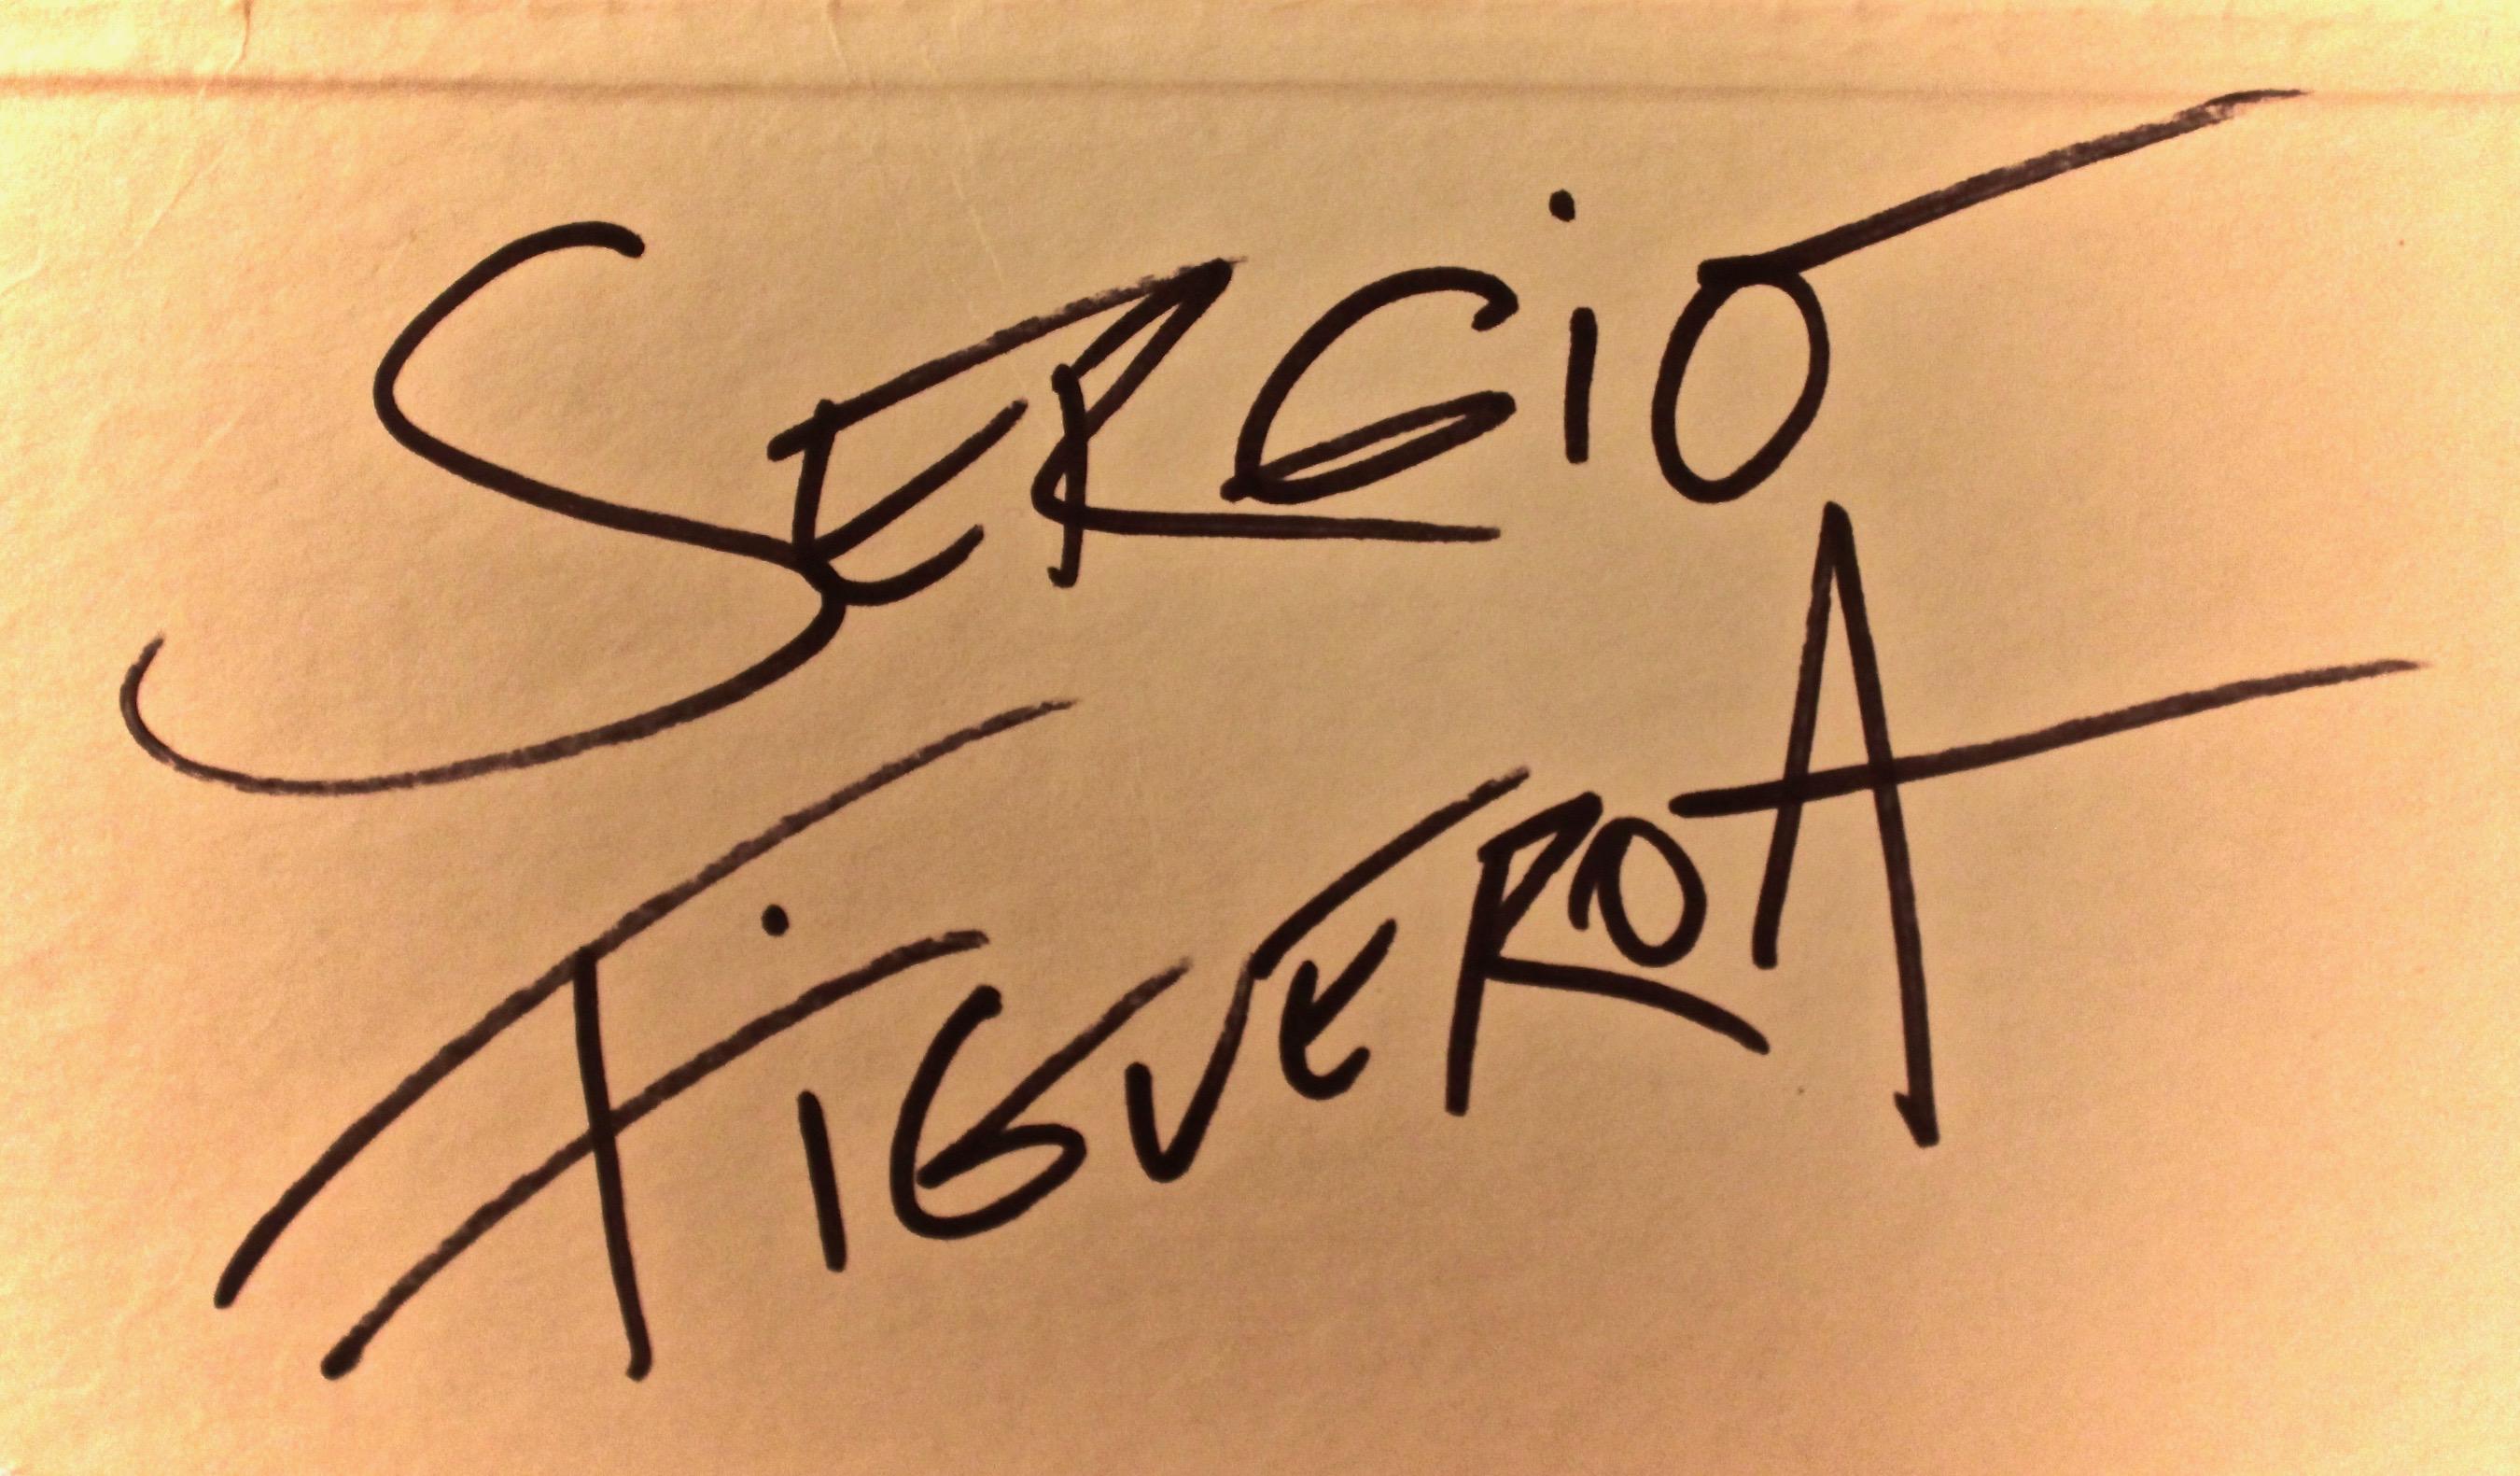 zergiof7's Signature